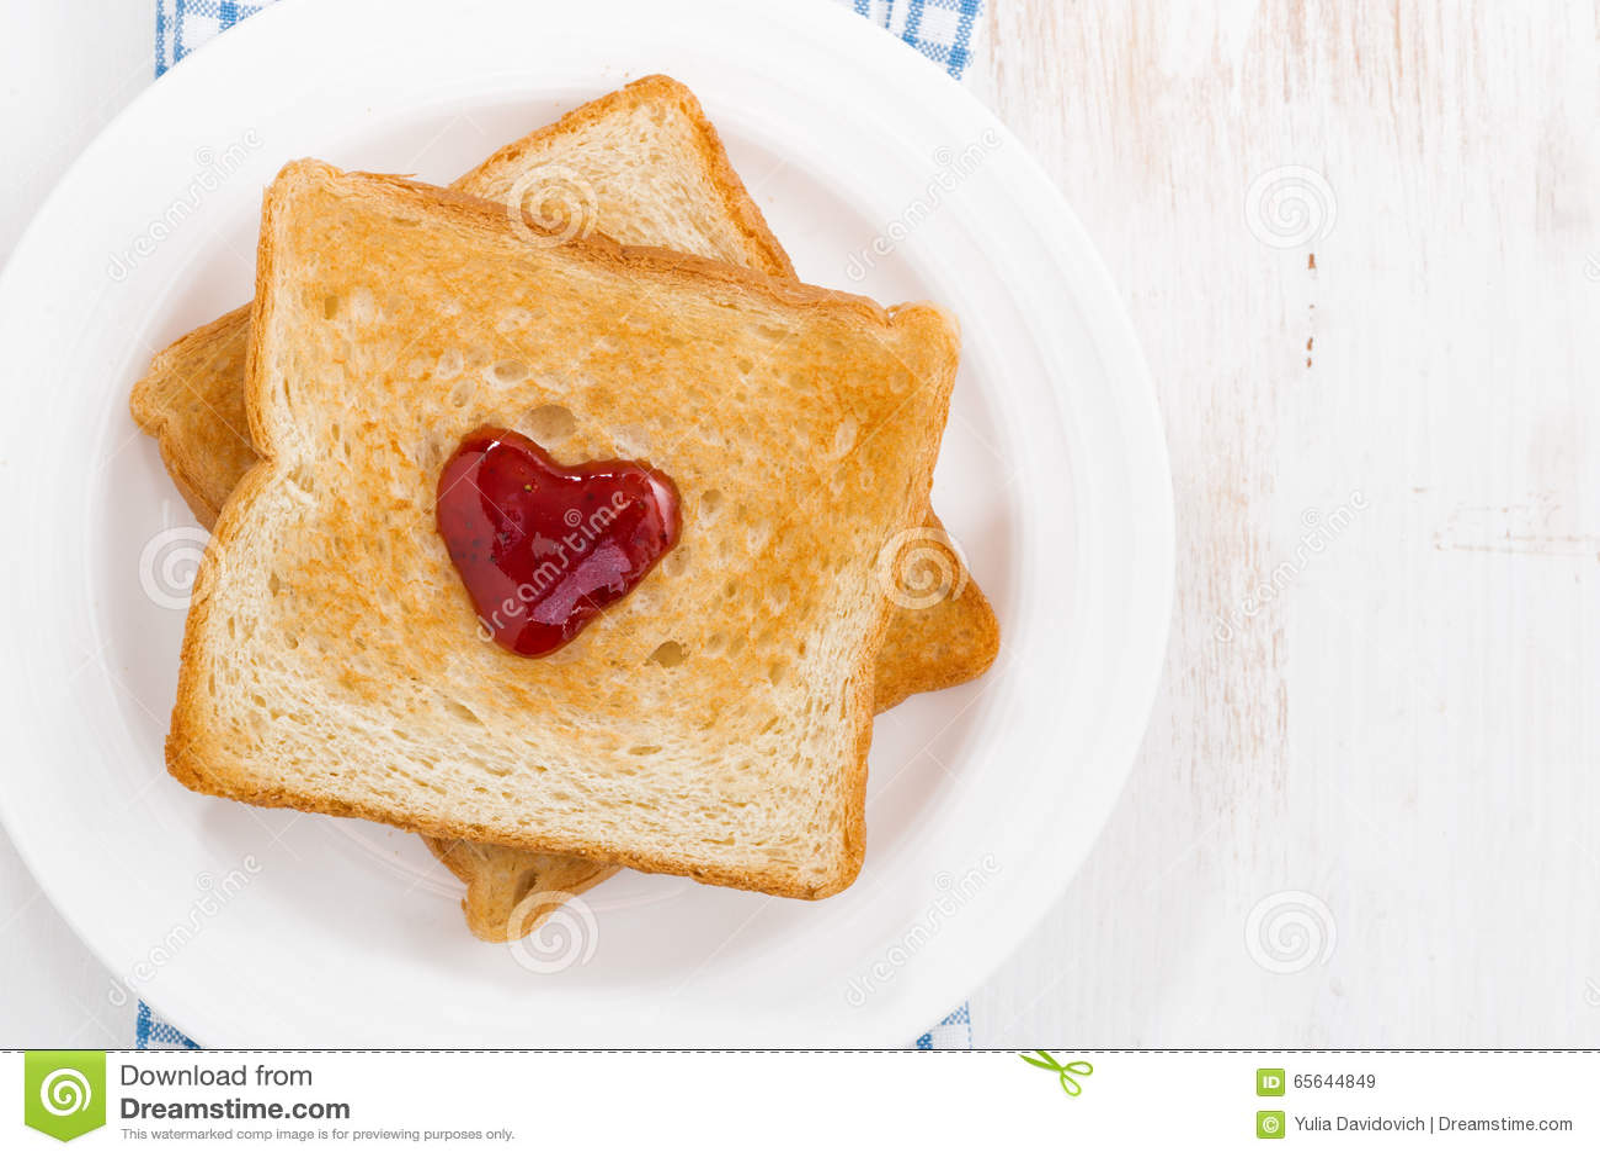 Grillez avec la confiture sous forme de coeur pour la Saint-Valentin